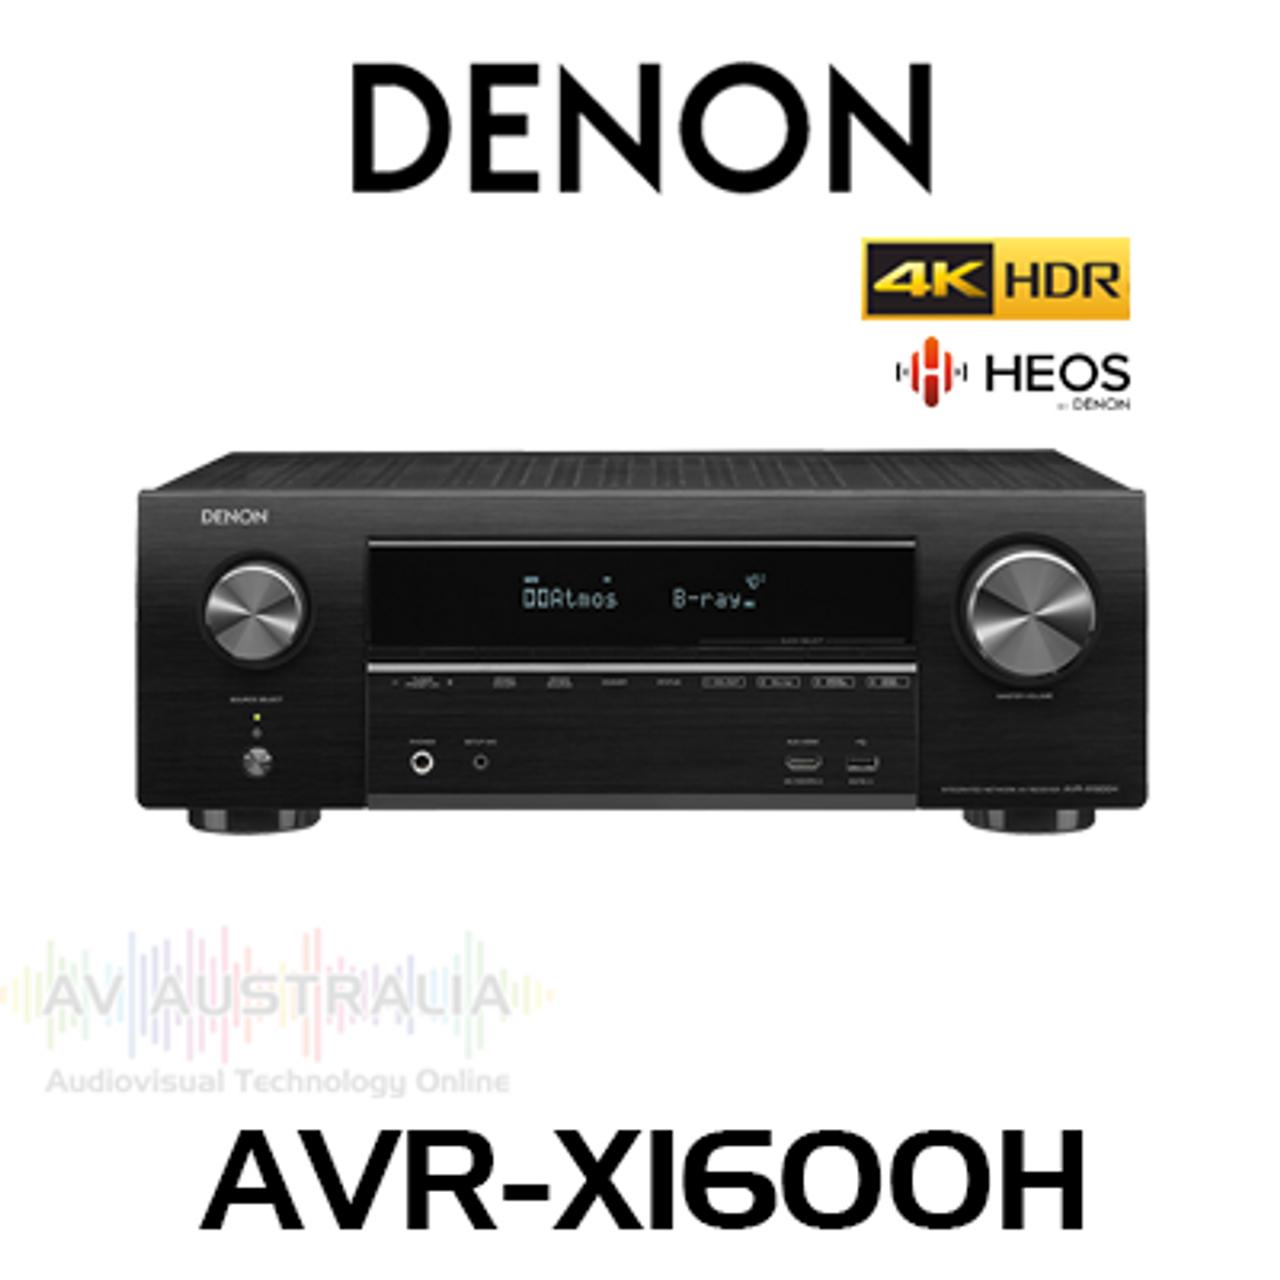 denon avr-x1600h user manual